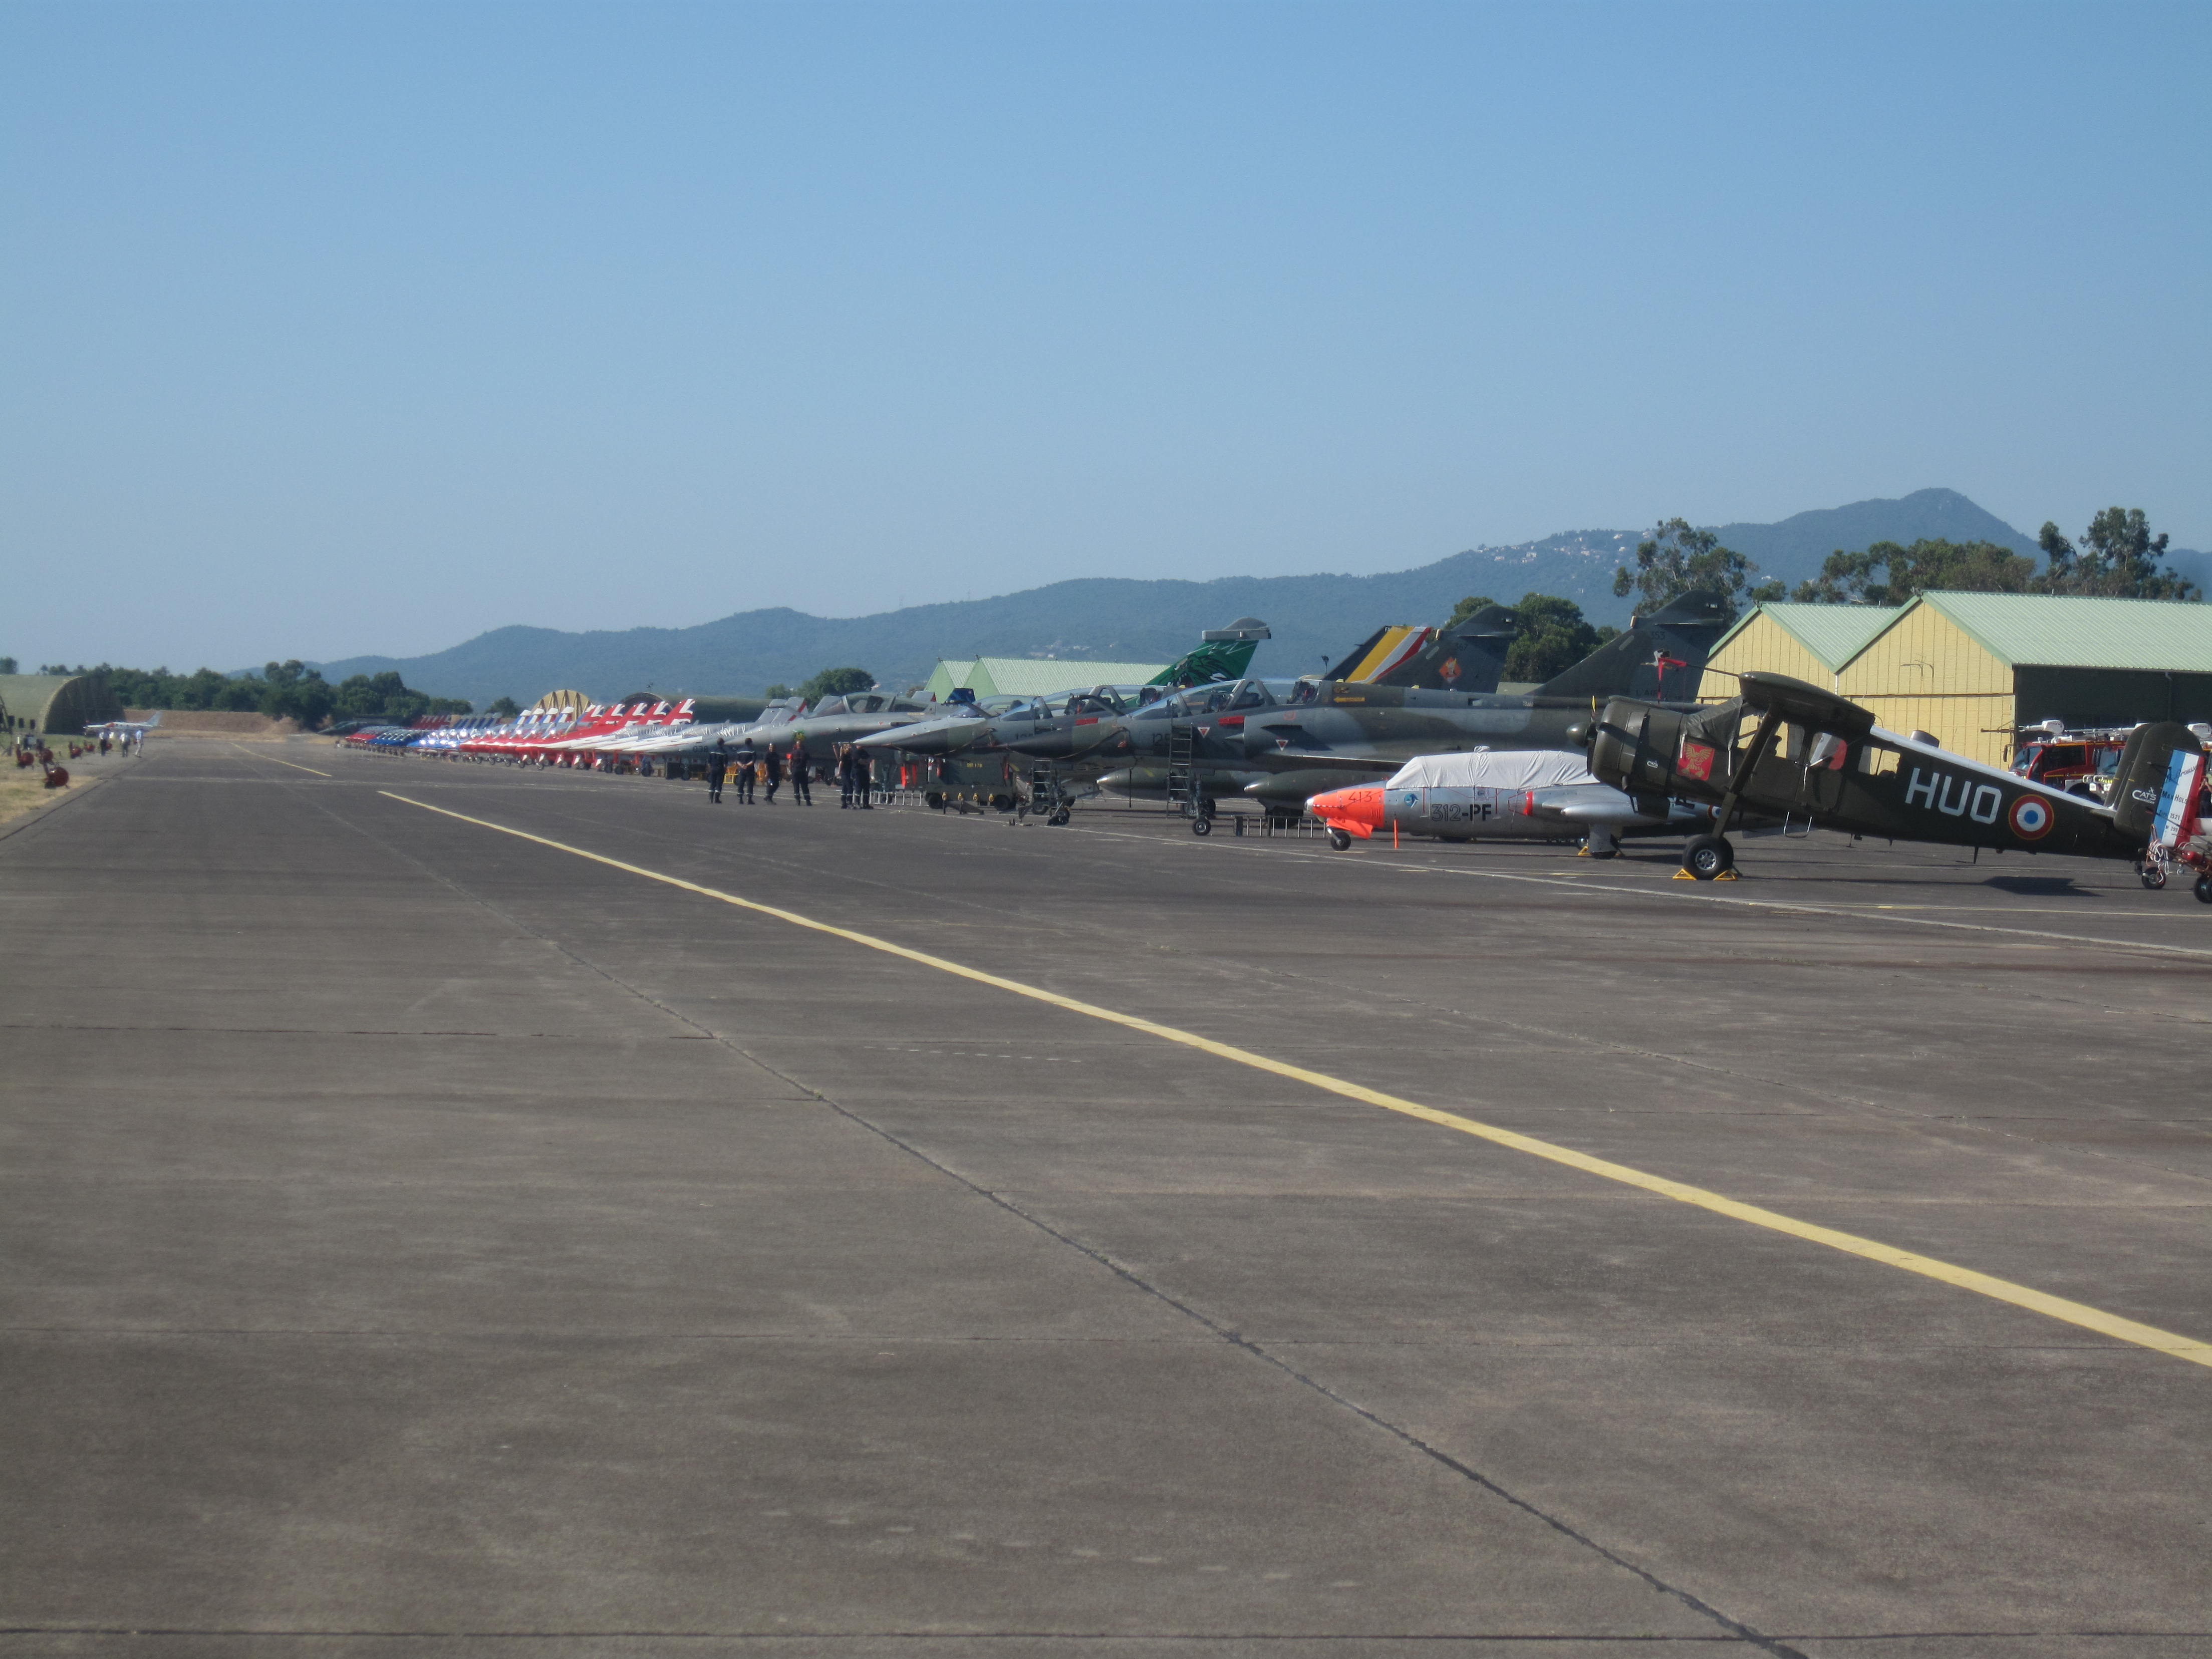 Les avions stationnés témoignent d'un programme d'une exceptionnelle qualité!